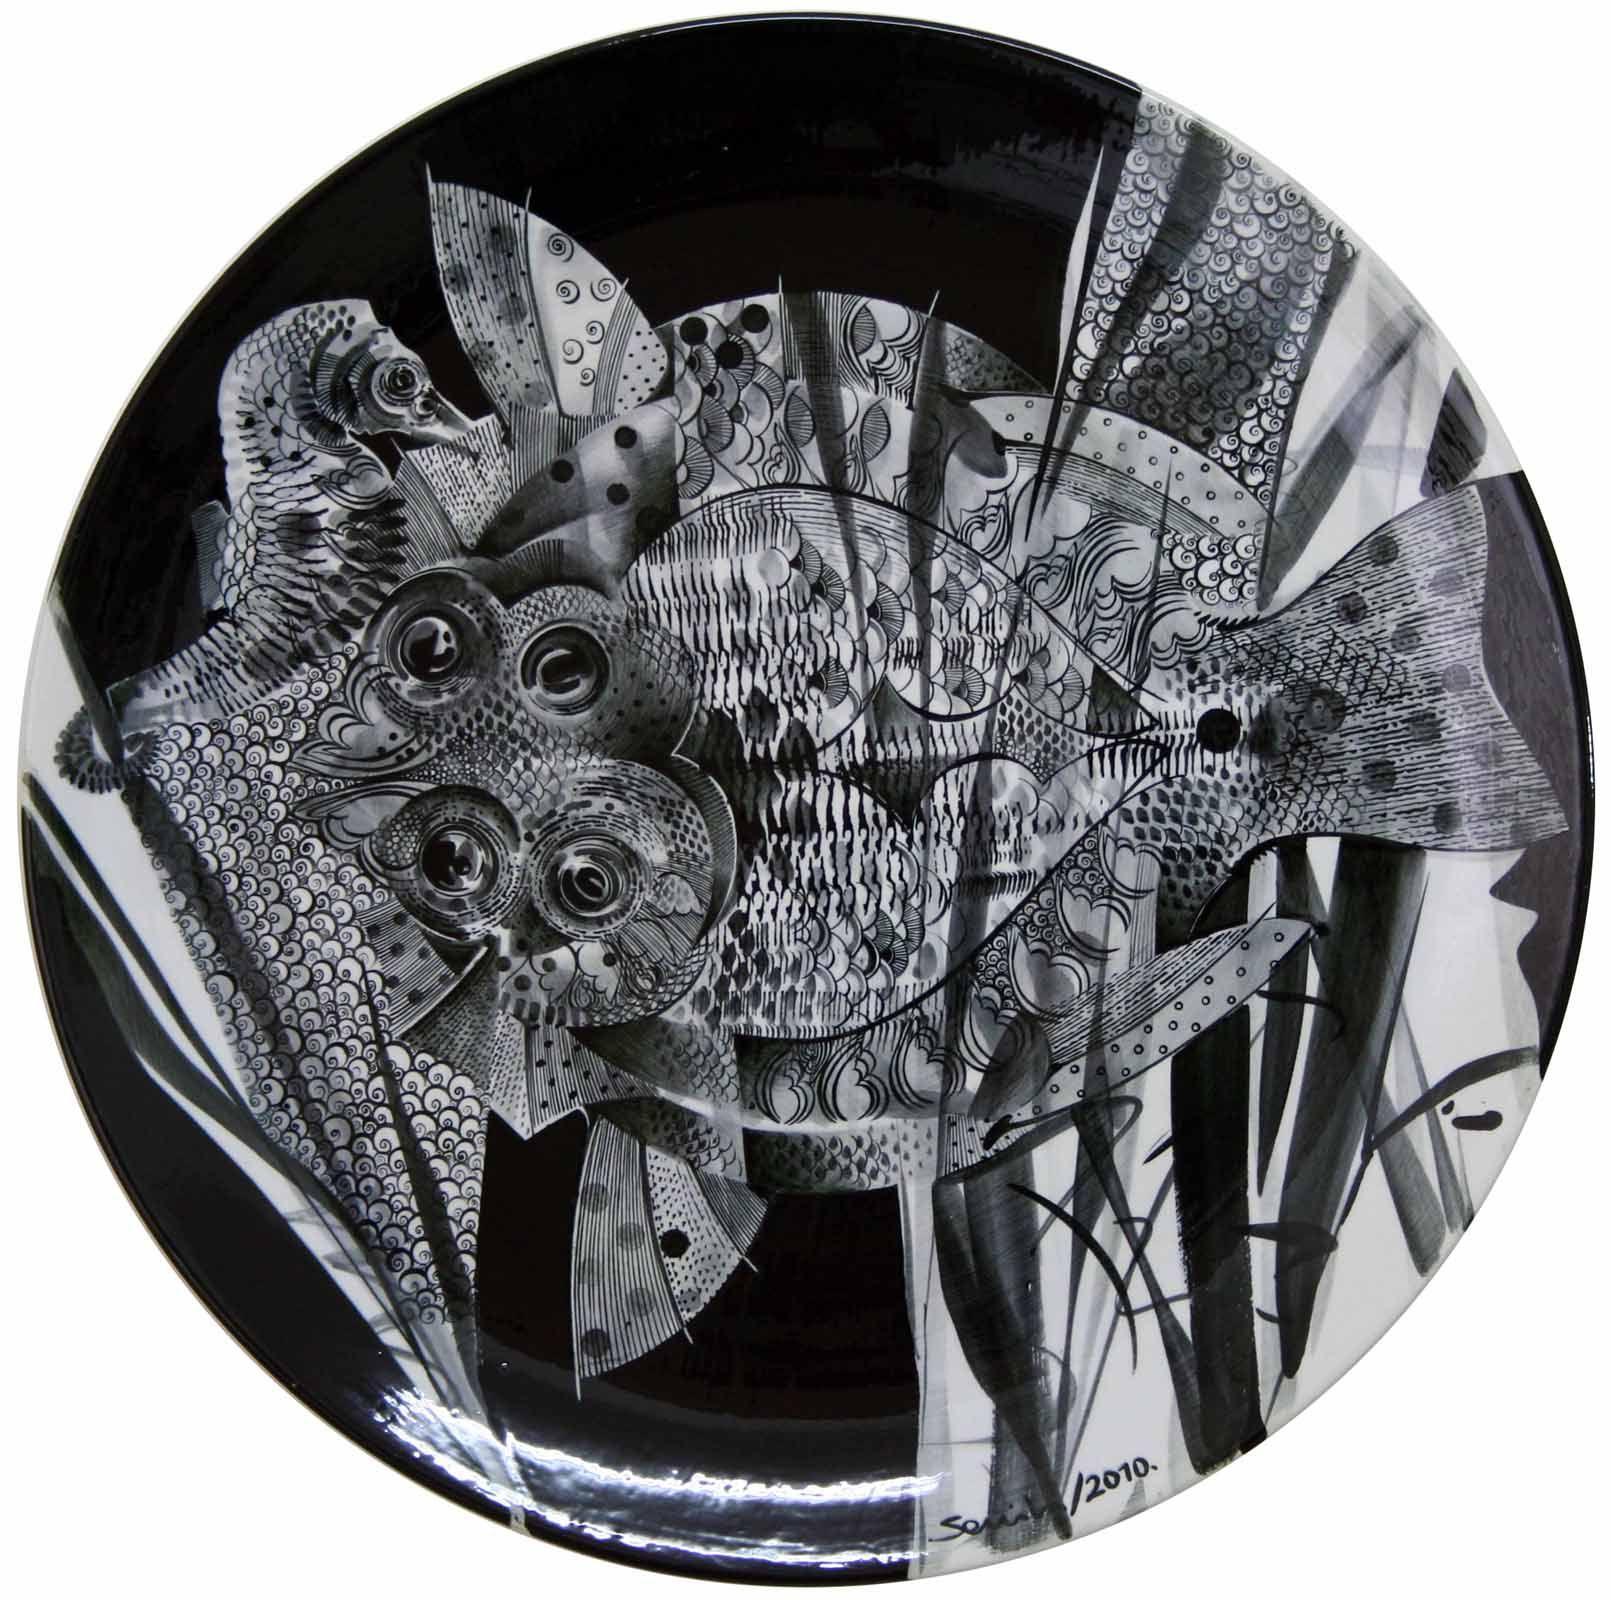 Semih Kaplan ceramic plate, diameter:51 cm, 2010